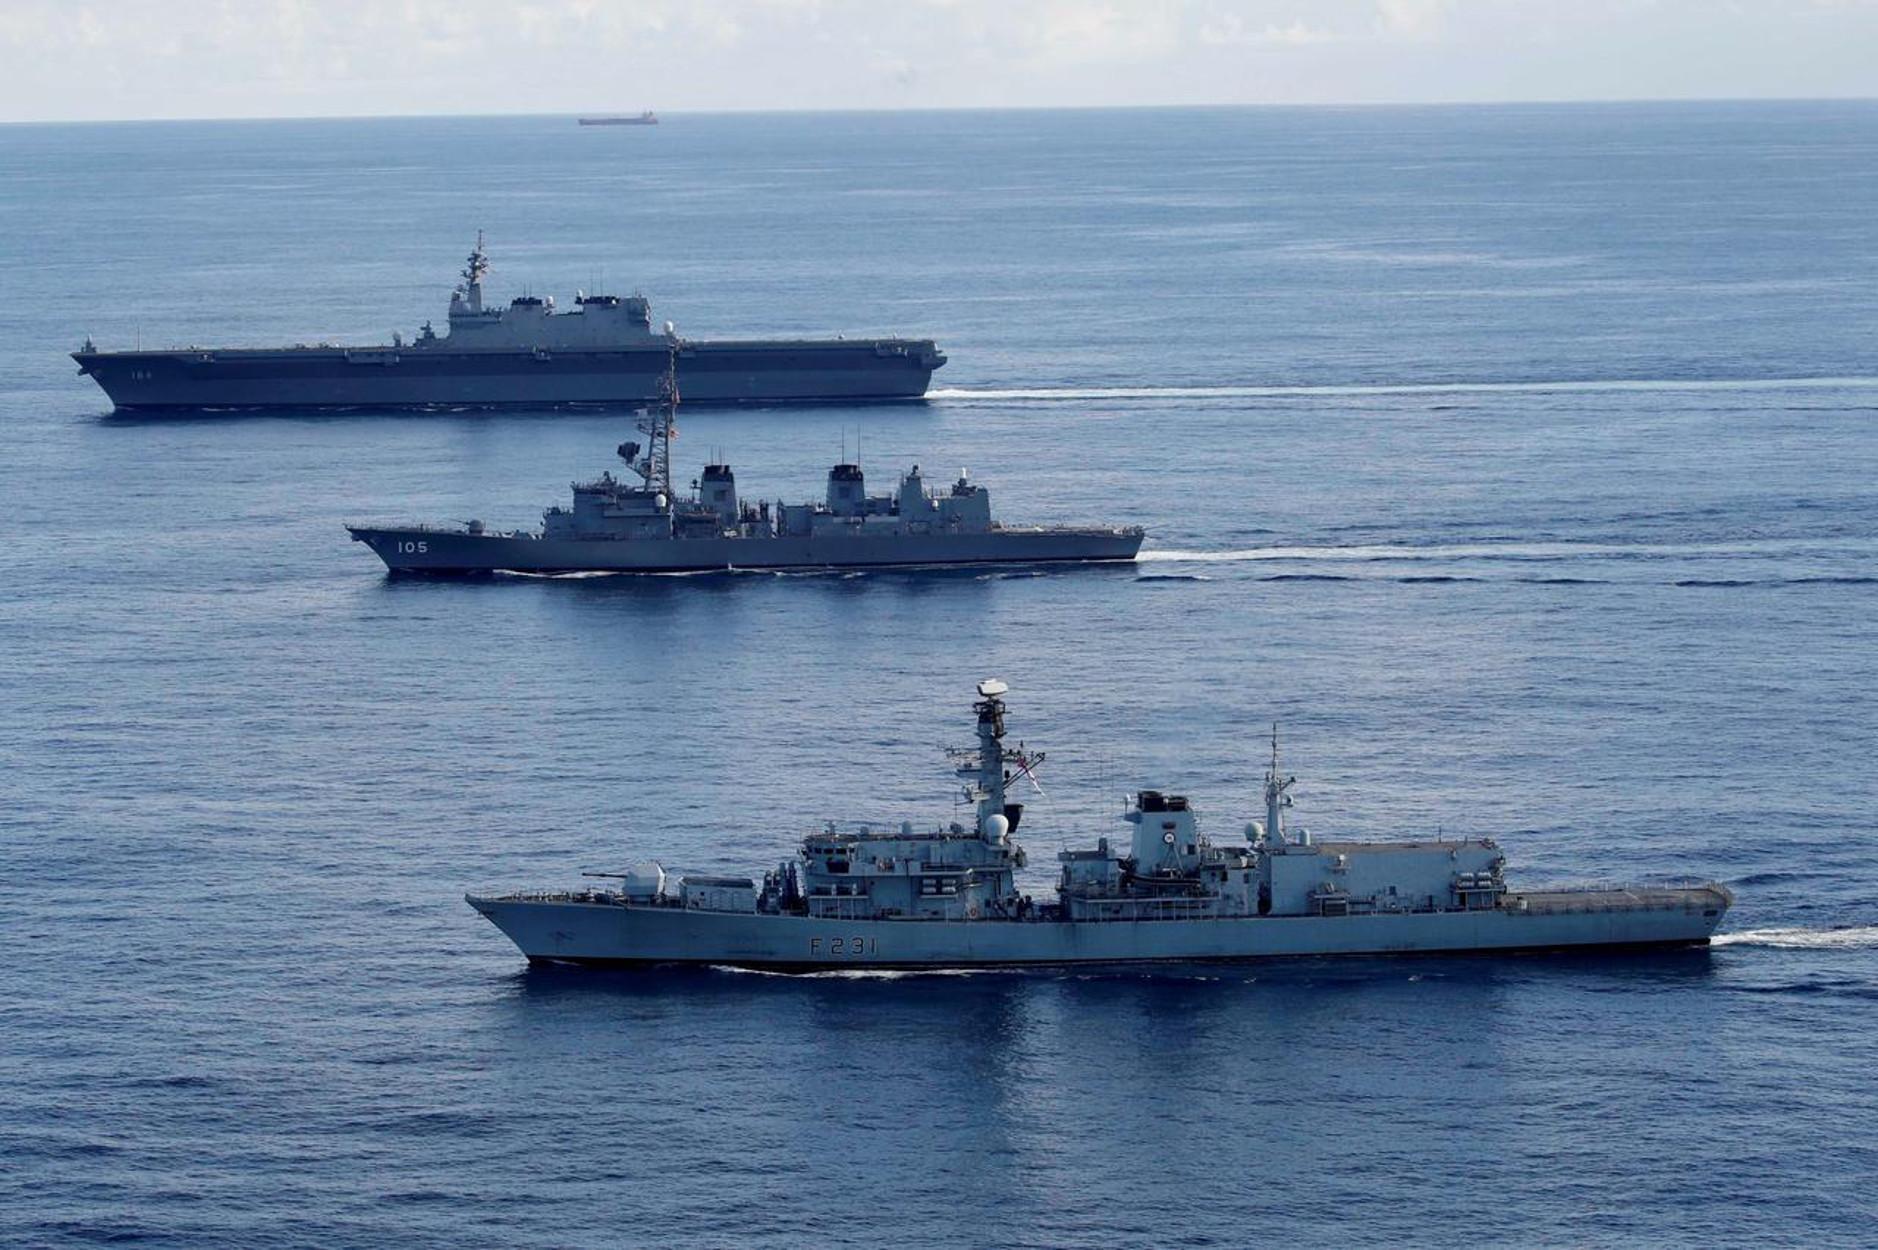 """Μαζεύονται """"σύννεφα"""" πολέμου στον Κόλπο - Στέλνει κι άλλο πολεμικό πλοίο η Βρετανία"""